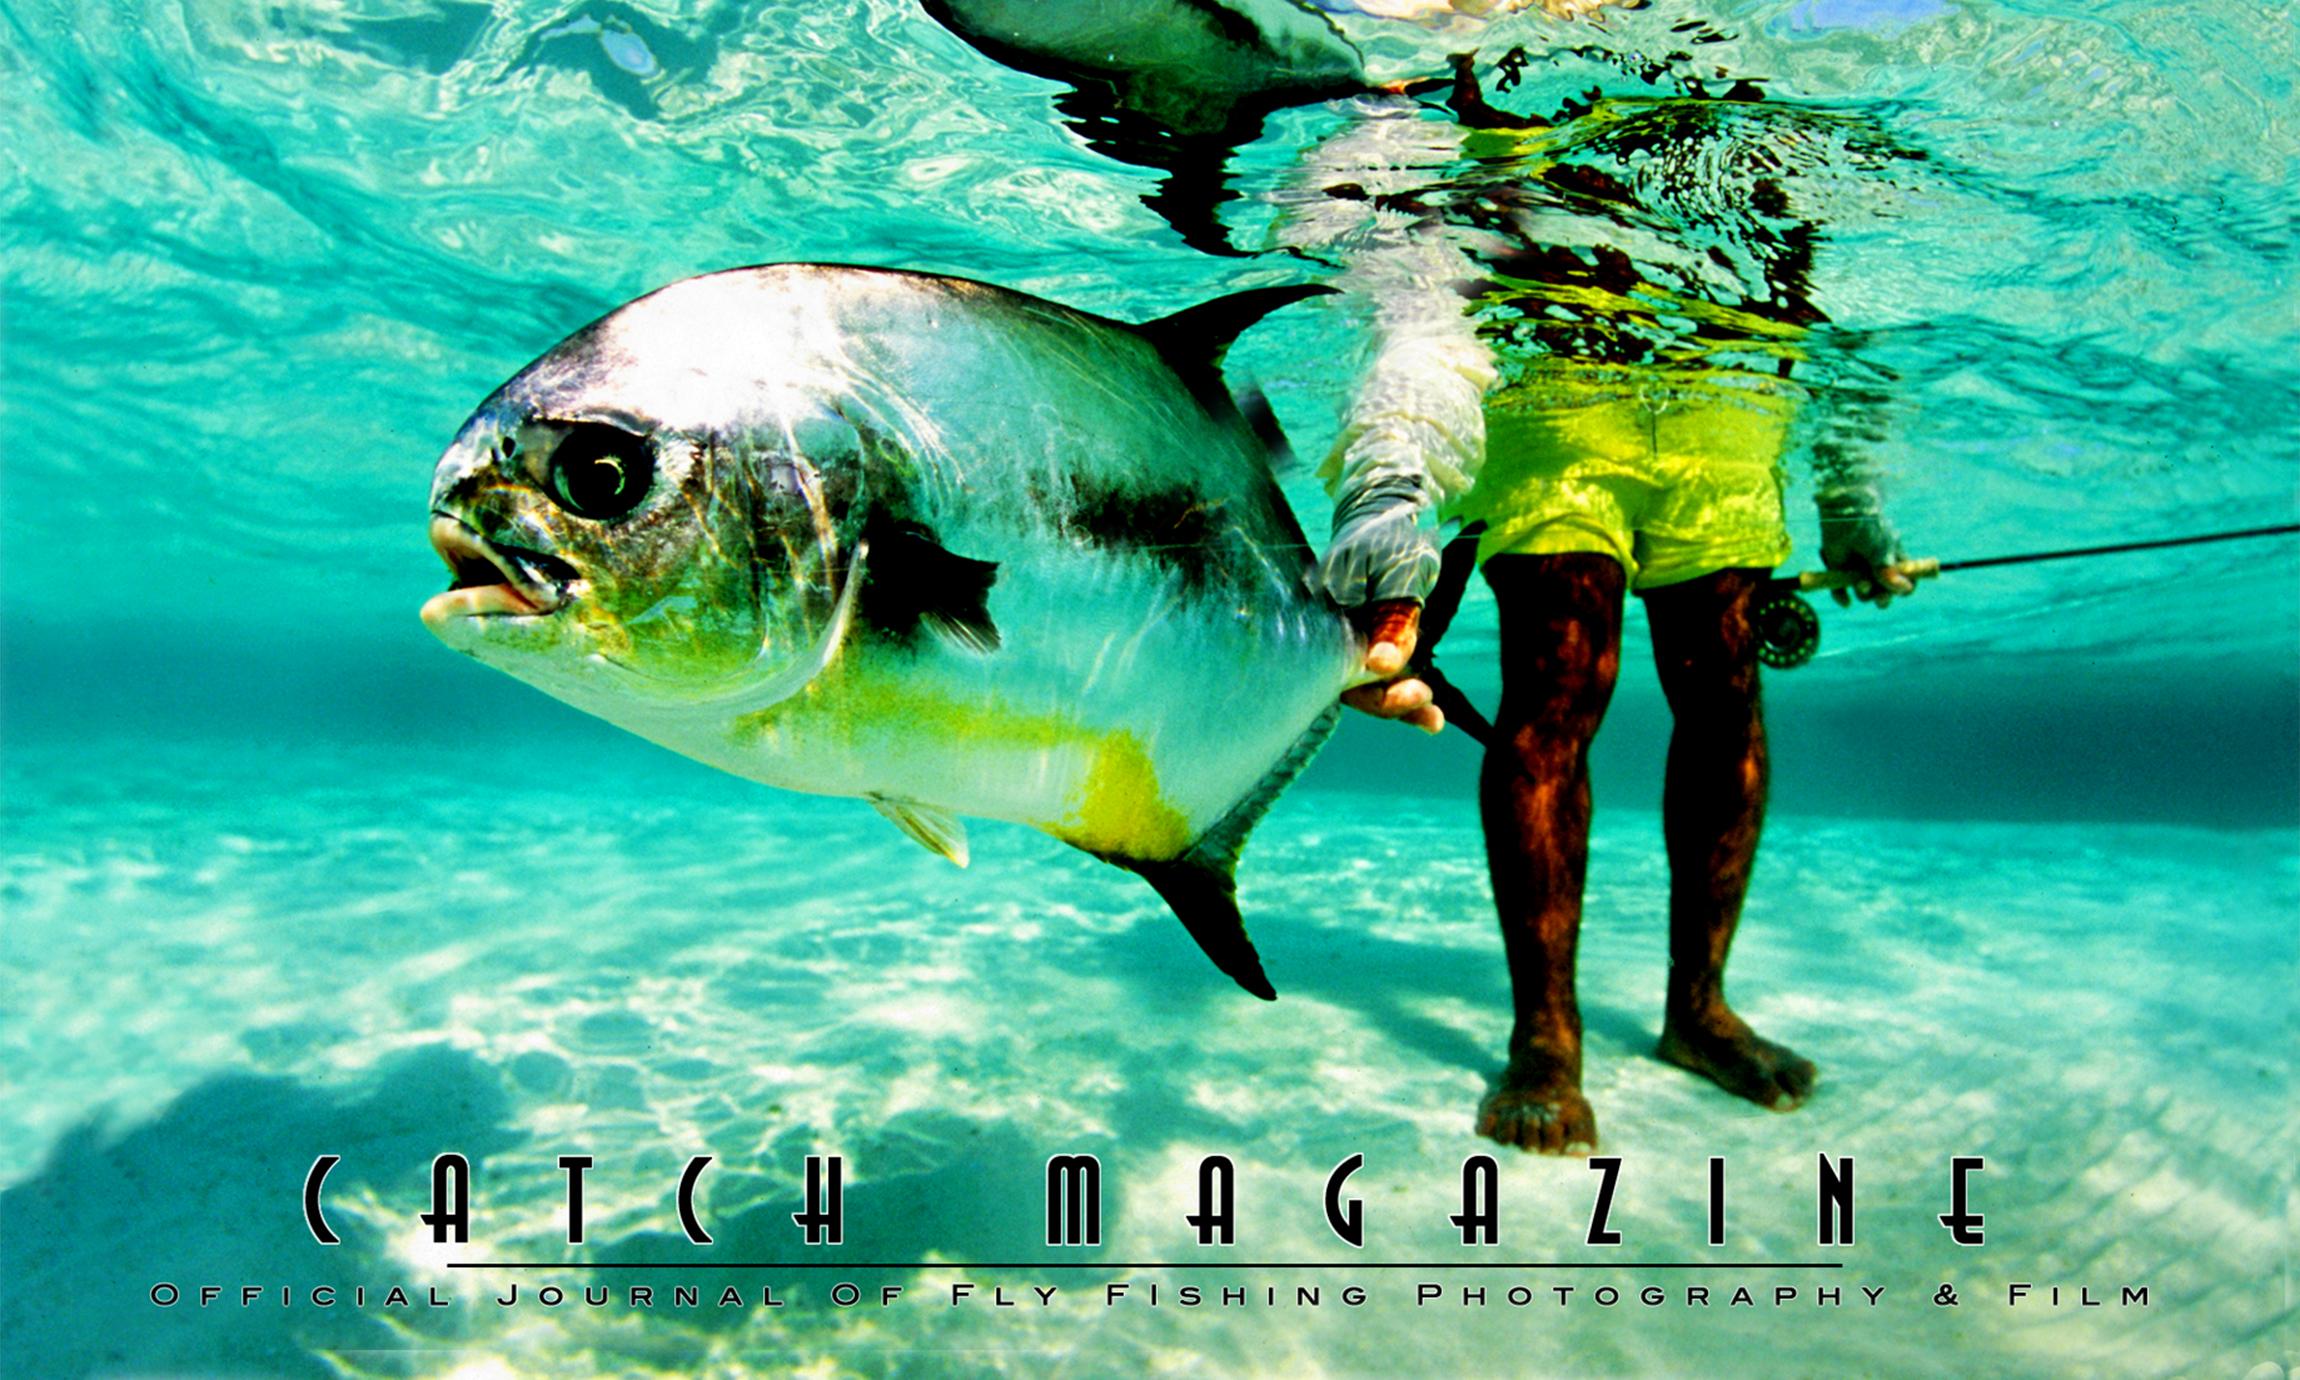 Catch-Magazine-Premier-Issue-Brian-Okeefe-Todd-Moen